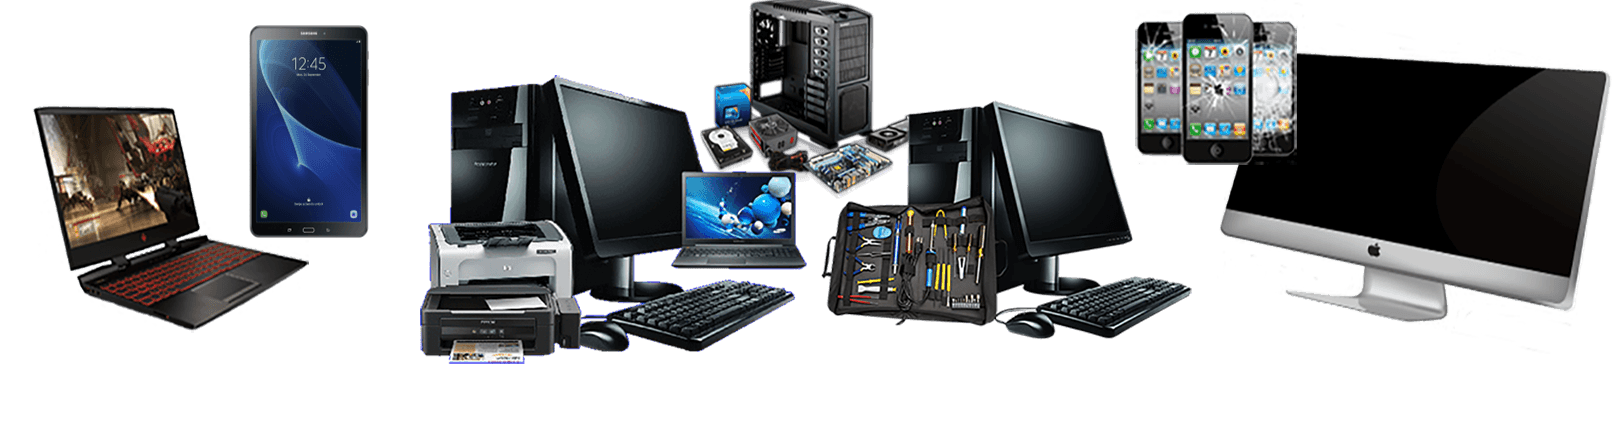 Réparation ordinateur Menton